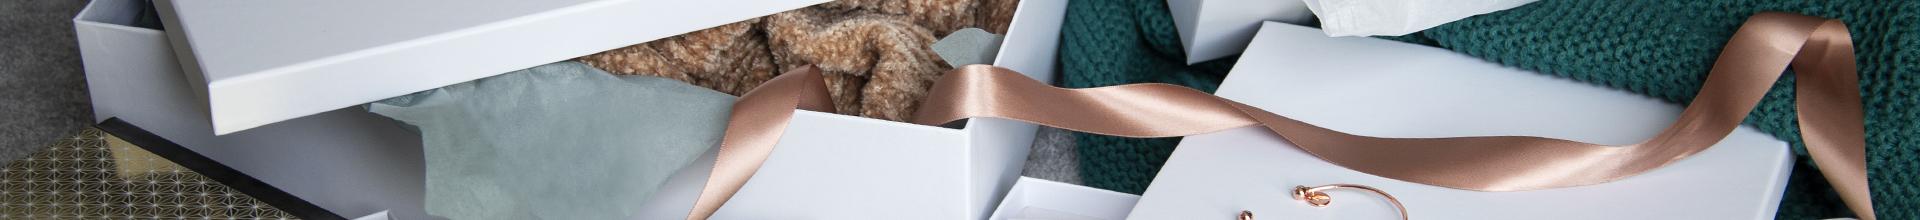 Luxury White Gift Boxes